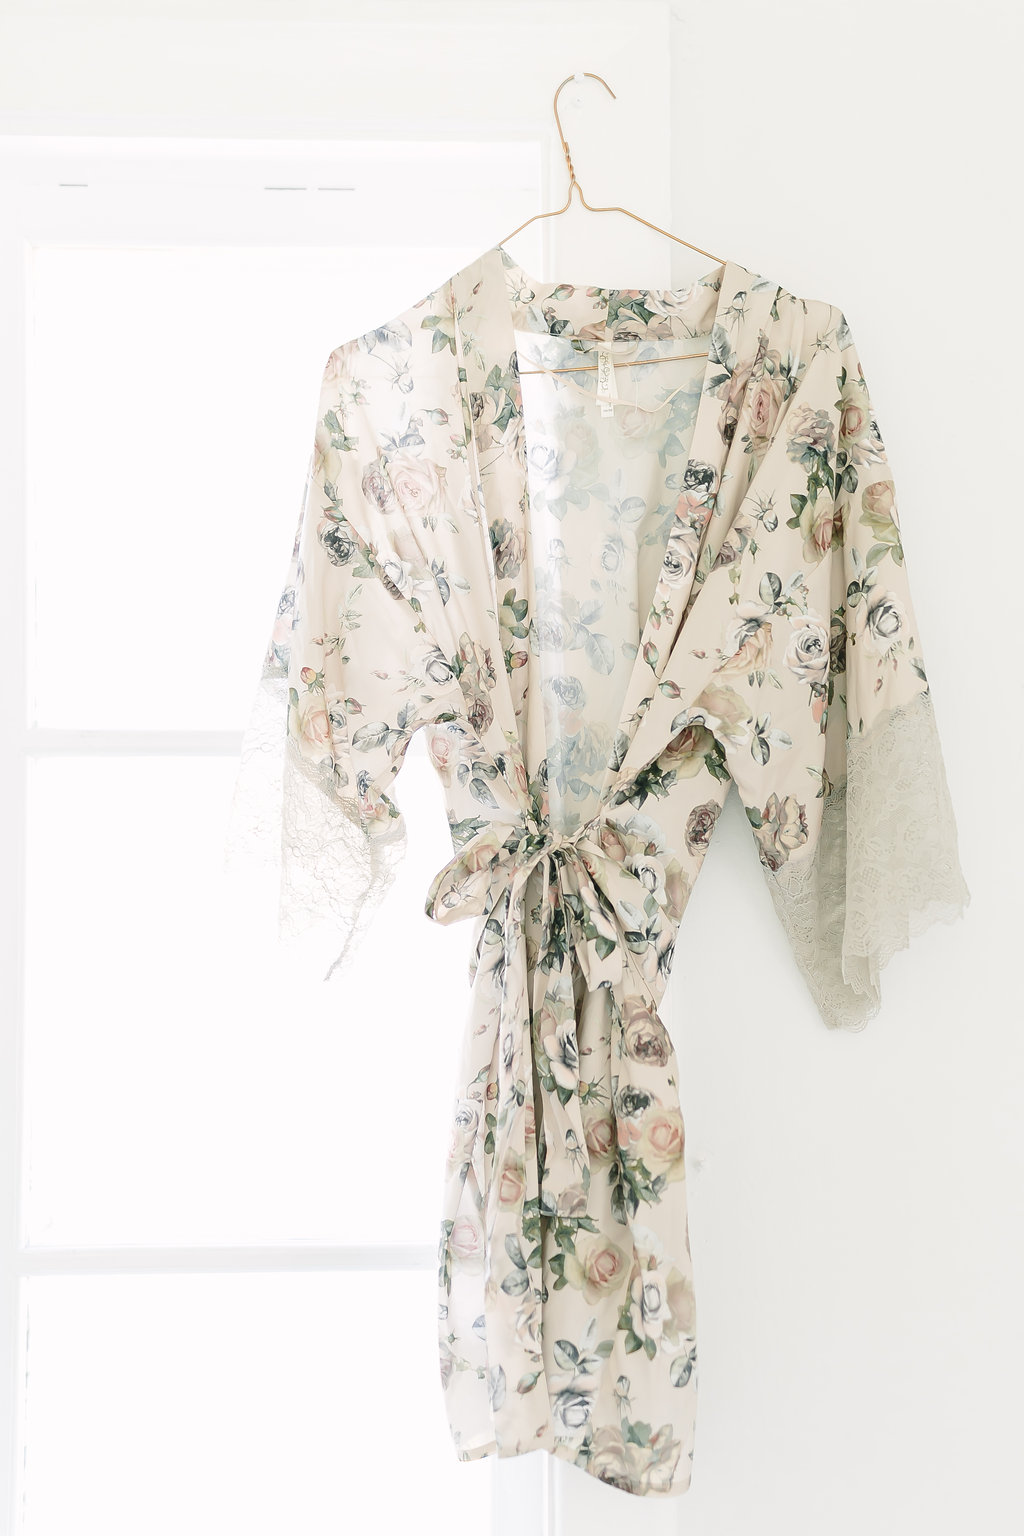 bröllopsklänning-inspiration